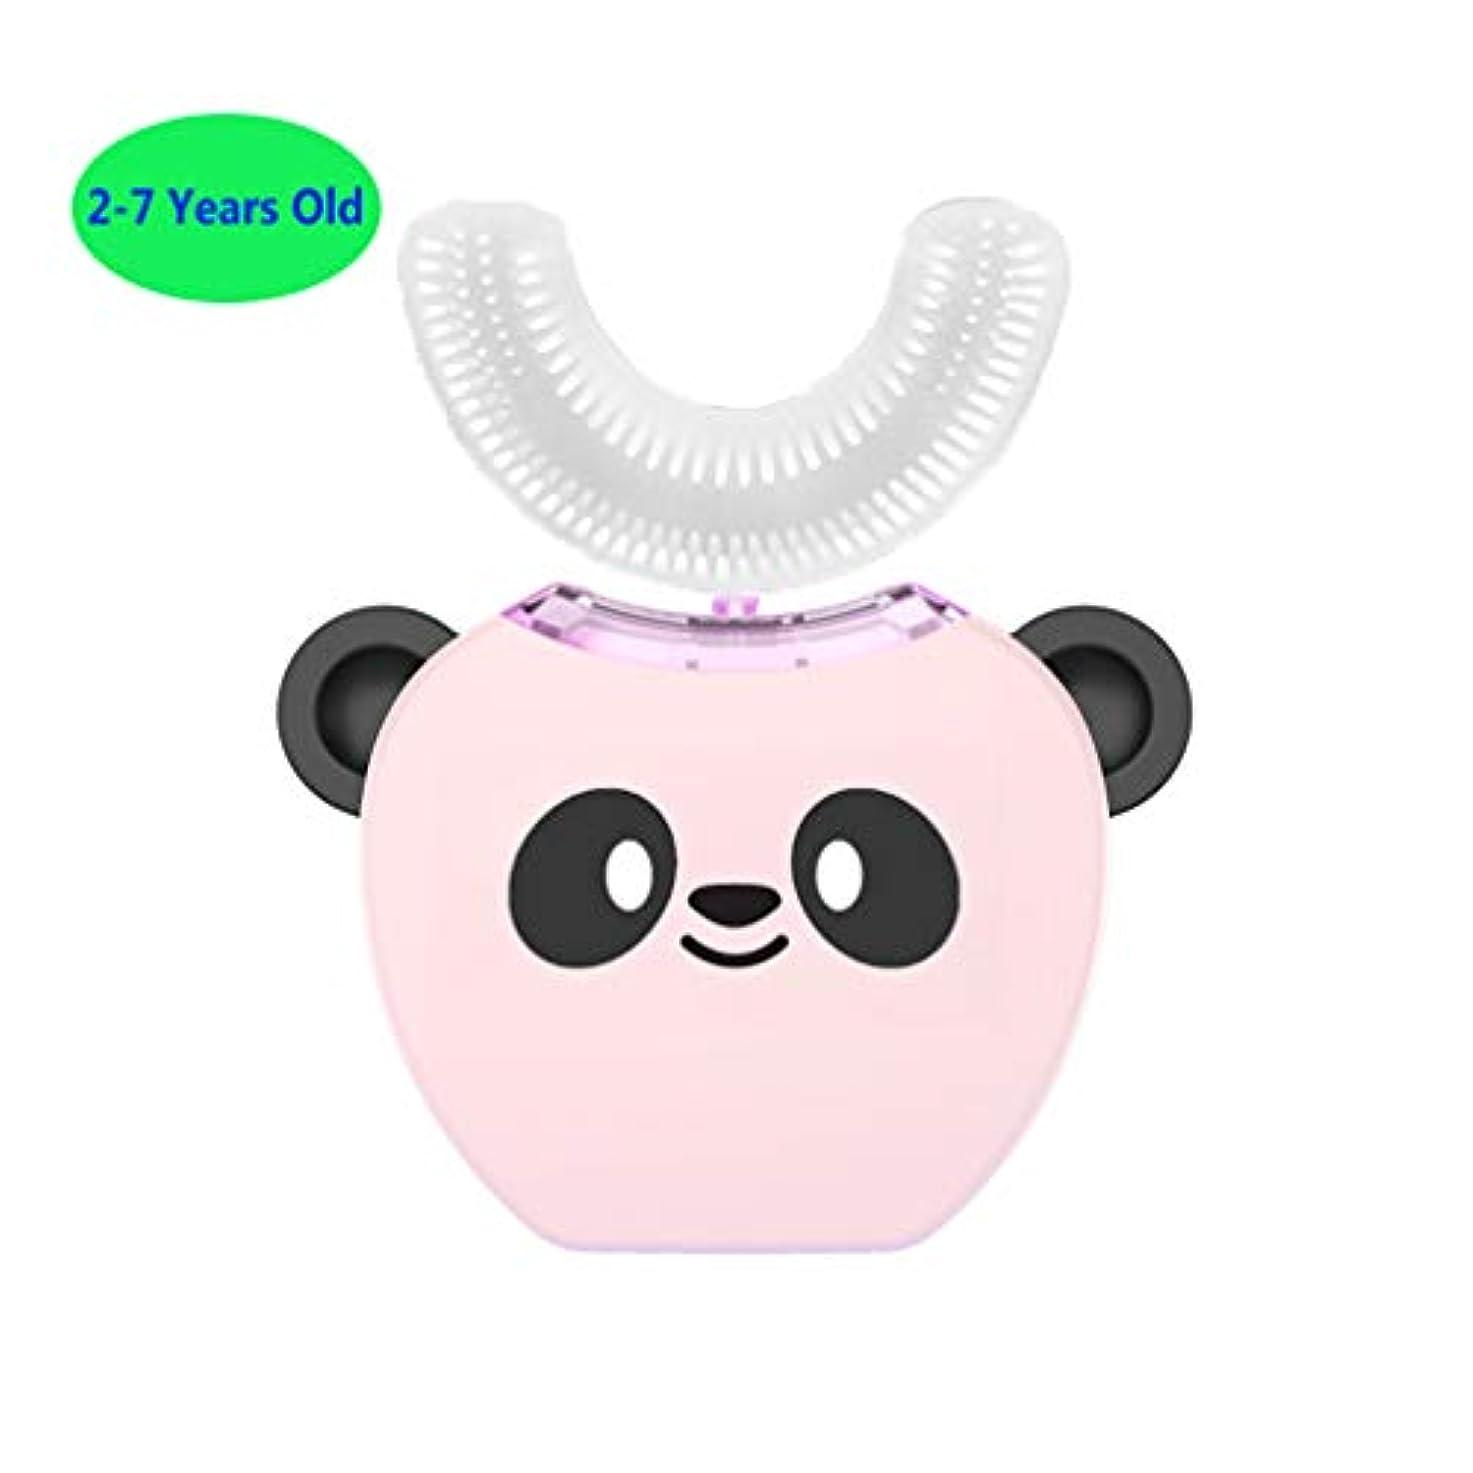 アジアなかなか権限子供のためのフルオートの電動歯ブラシ、360°超音波電動歯ブラシ、冷光、美白装置、自動歯ブラシ、ワイヤレス充電ドック,Pink,2/7Years